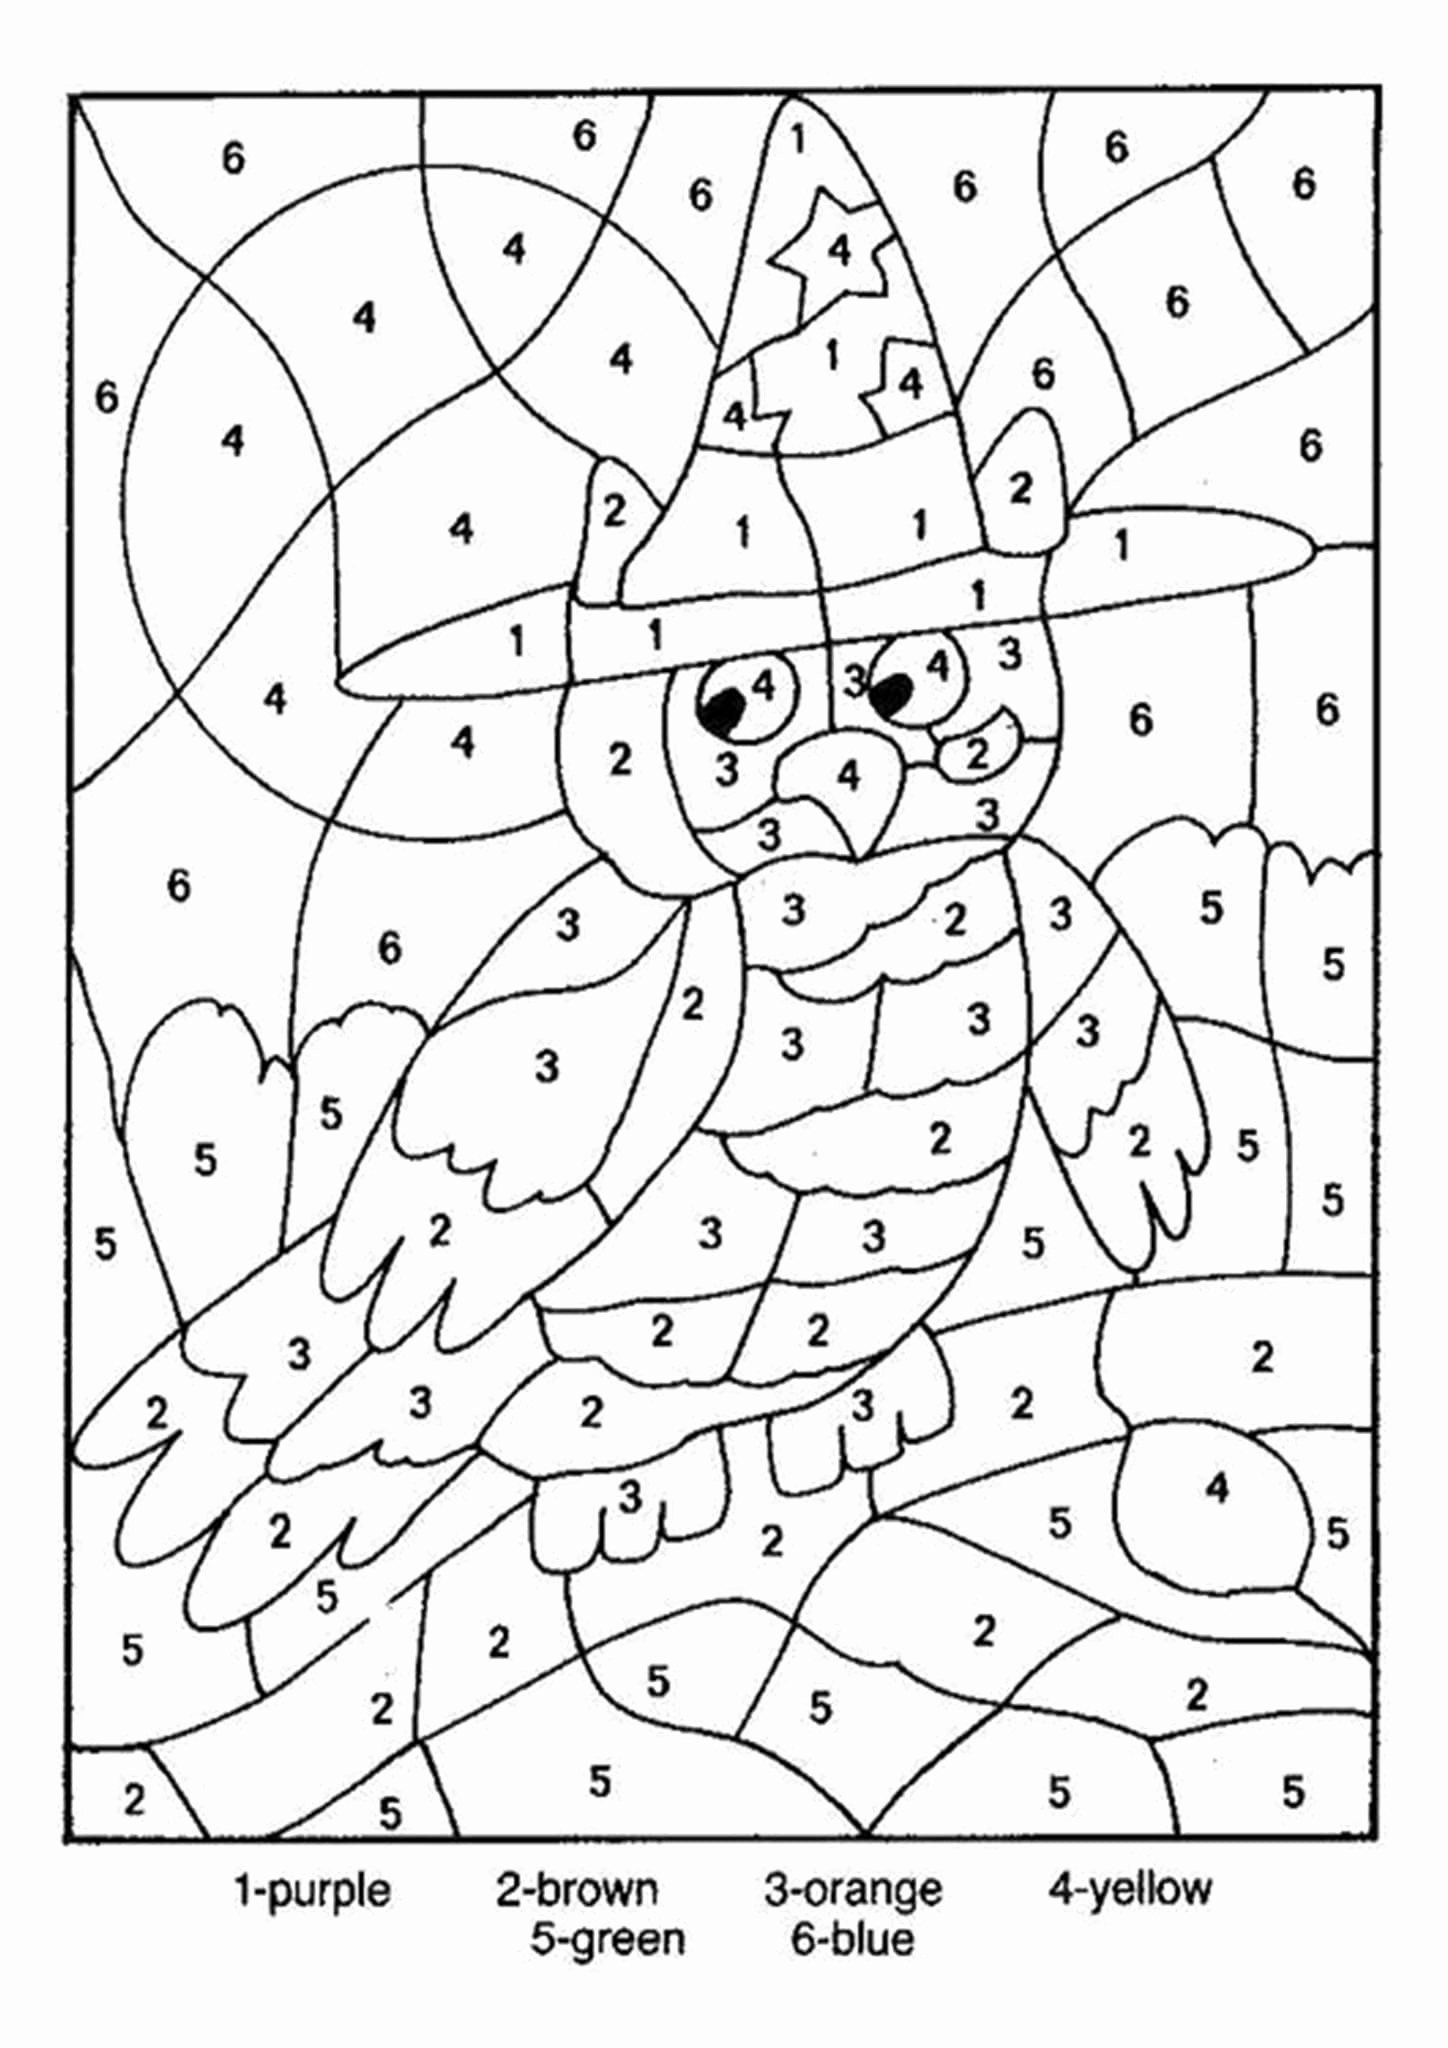 Color by Number Worksheets Kindergarten New Free Printable Color by Number Worksheets for Kindergarten